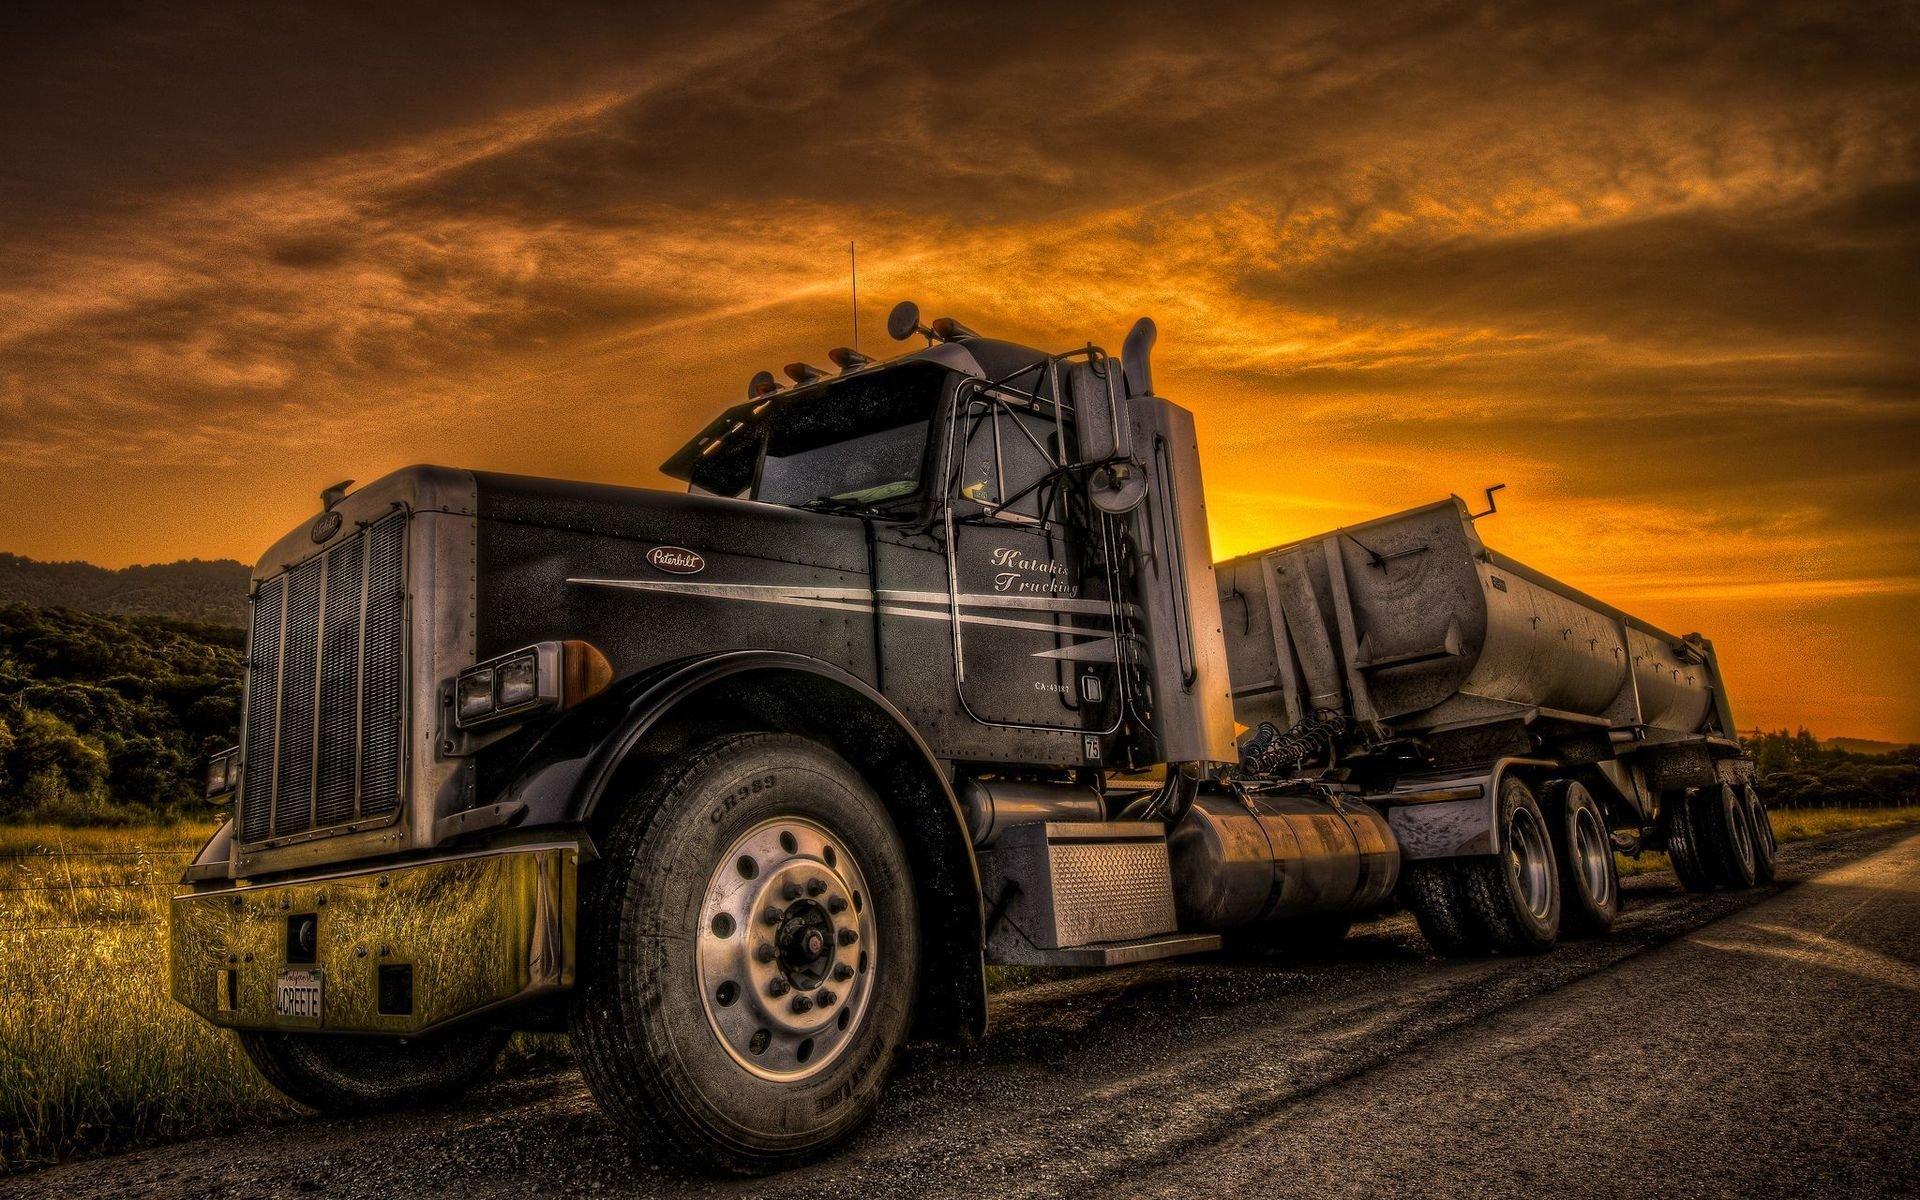 Trucks Wallpapers   Top Trucks Backgrounds   WallpaperAccess 1920x1200